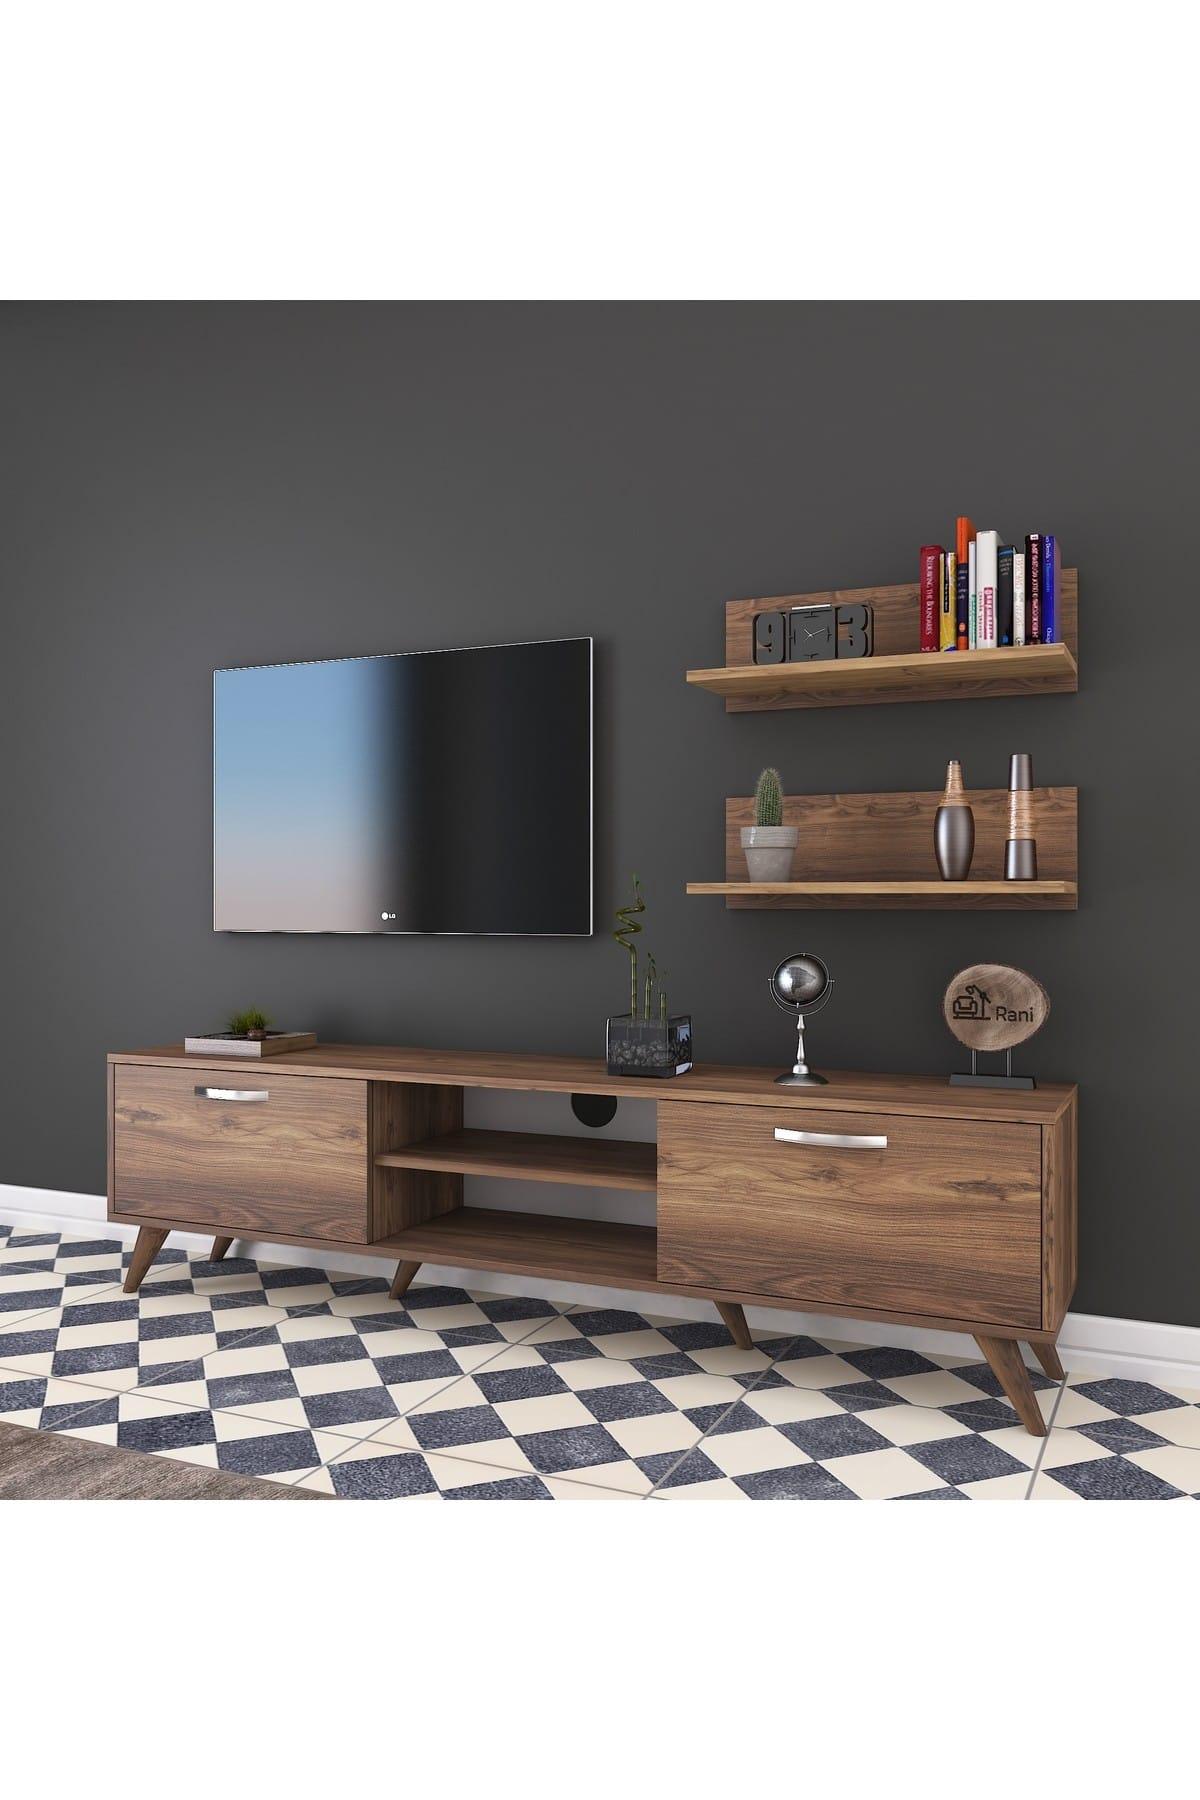 Rani A9 Duvar Raflı Kitaplıklı Tv Ünitesi Modern Ayaklı Tv Sehpası Ceviz M48